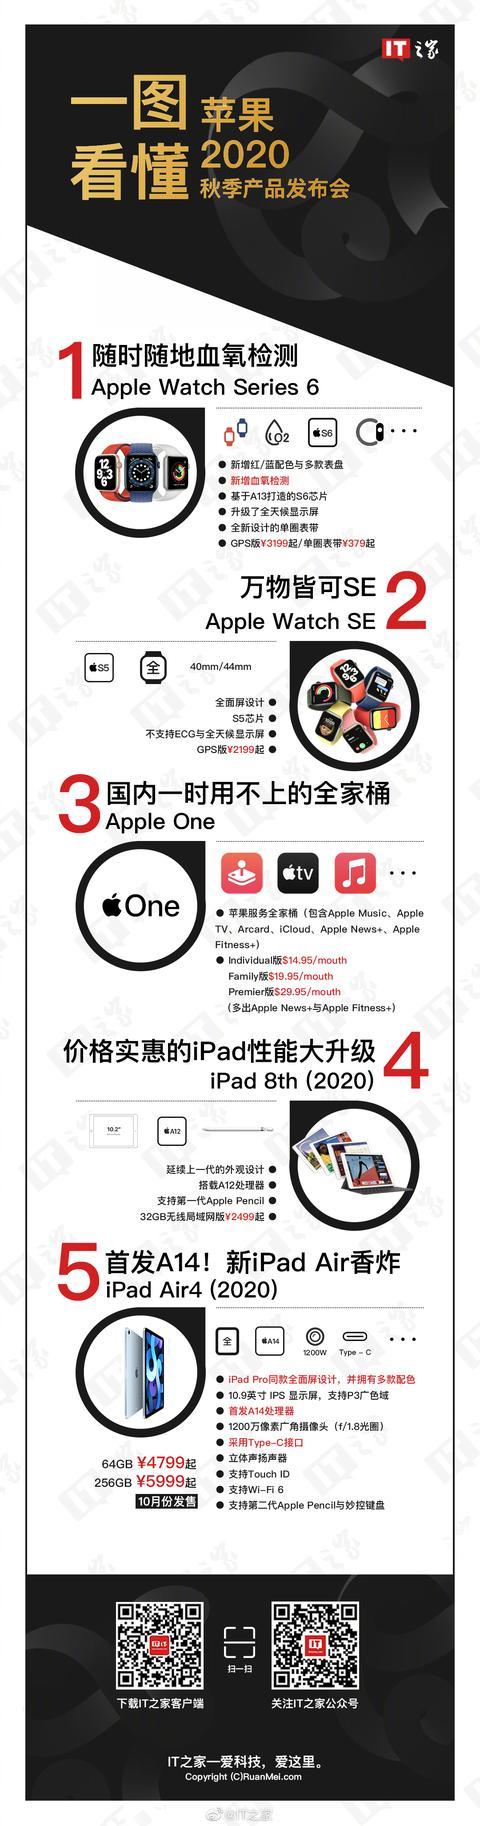 一图看懂苹果2020秋季首场发布会:四款新品,哪款是你的菜?【www.smxdc.net】